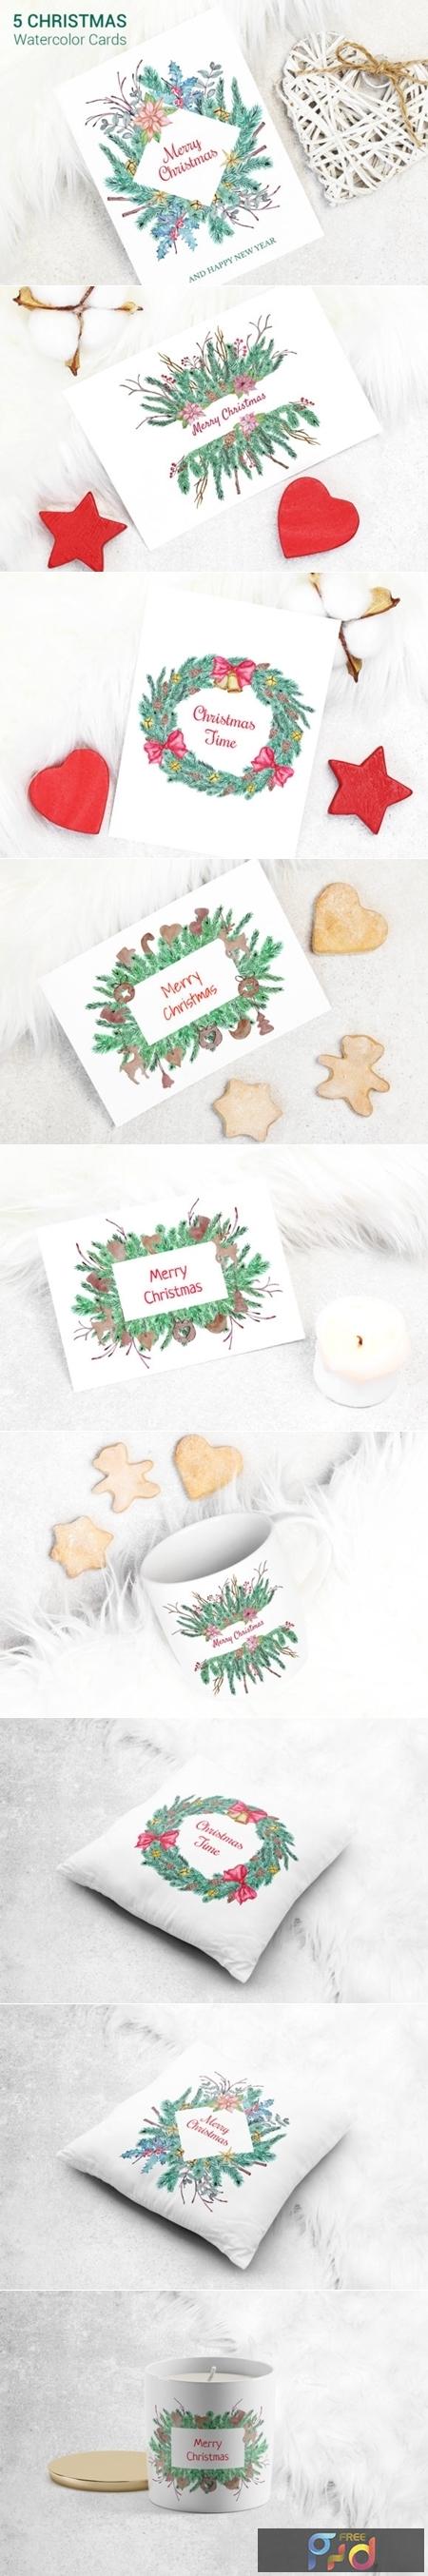 Greeting Christmas Cards Set 2002872 1